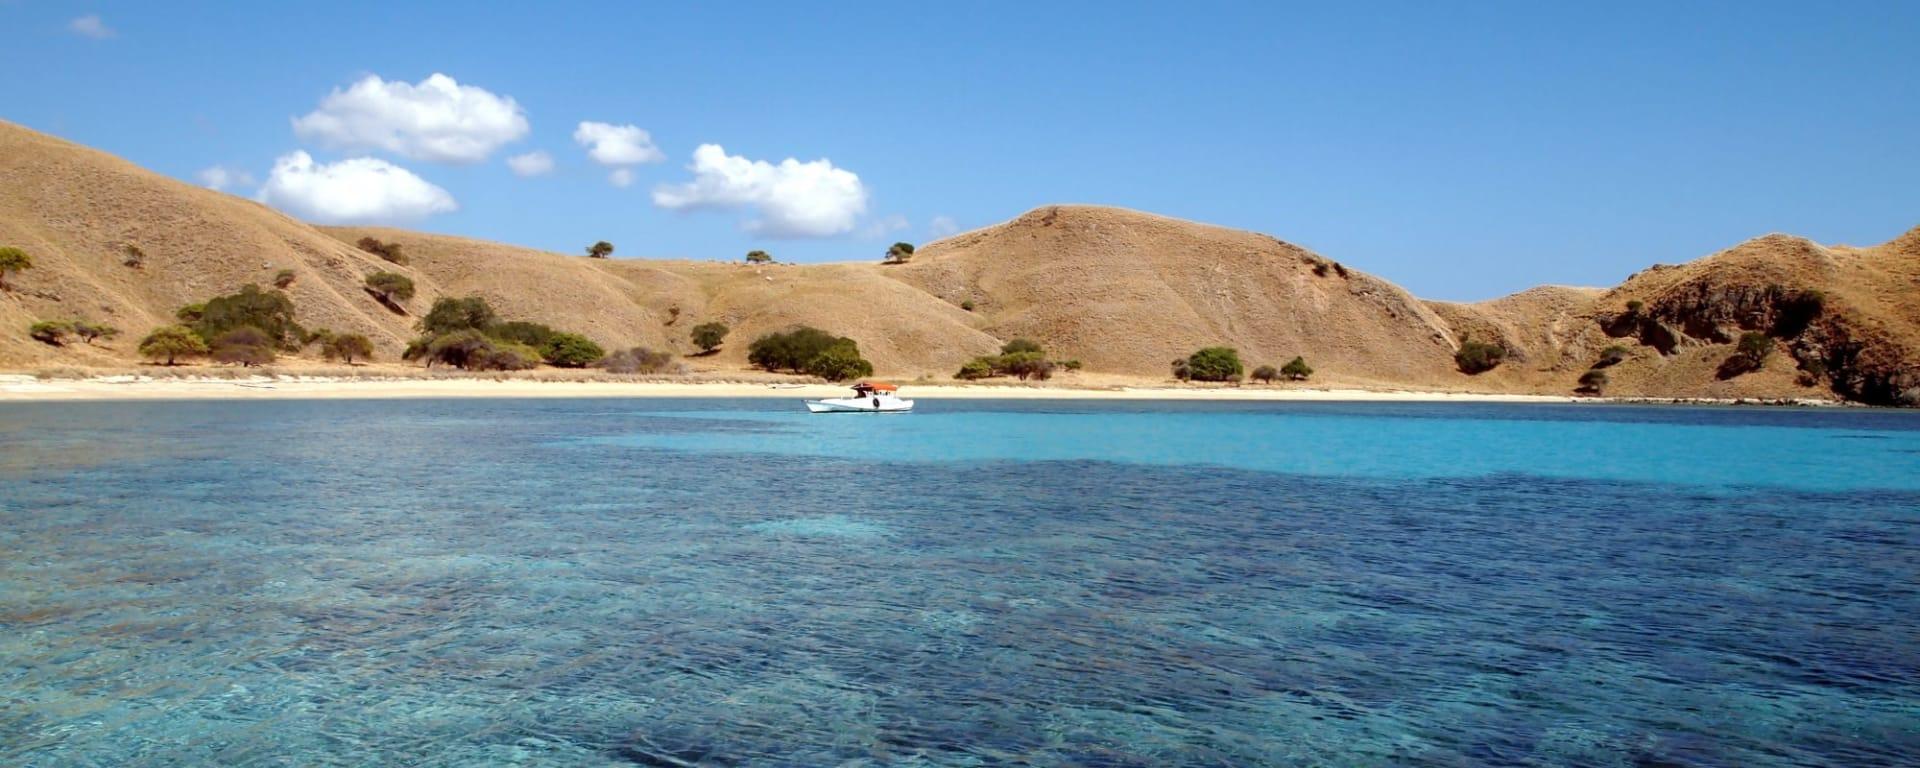 Croisière dans l'archipel indonésien / Bali - Flores de Sud de Bali: Lombok Gili Banta Blue Lagoon